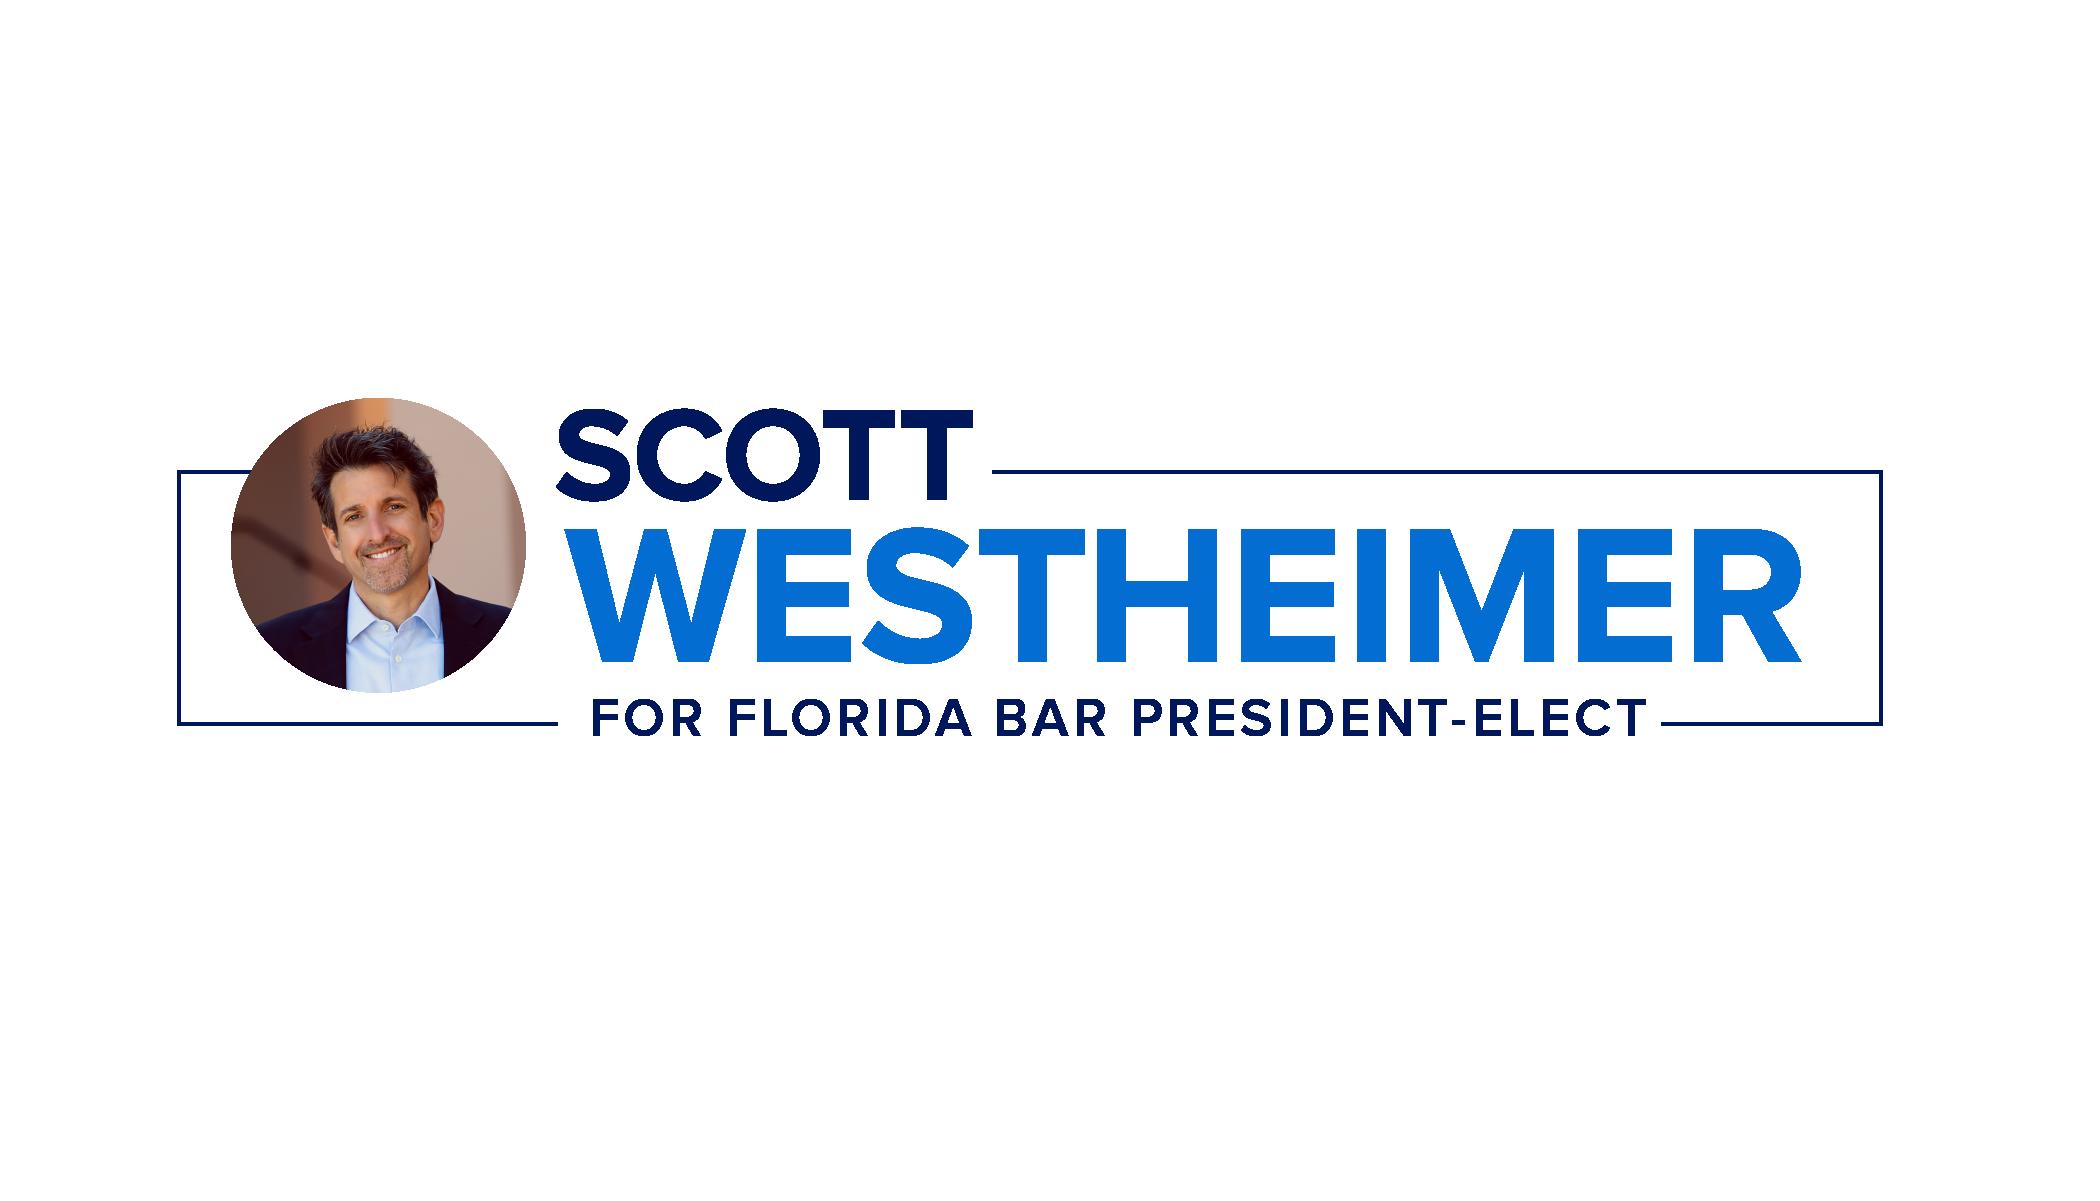 Scott Westheimer